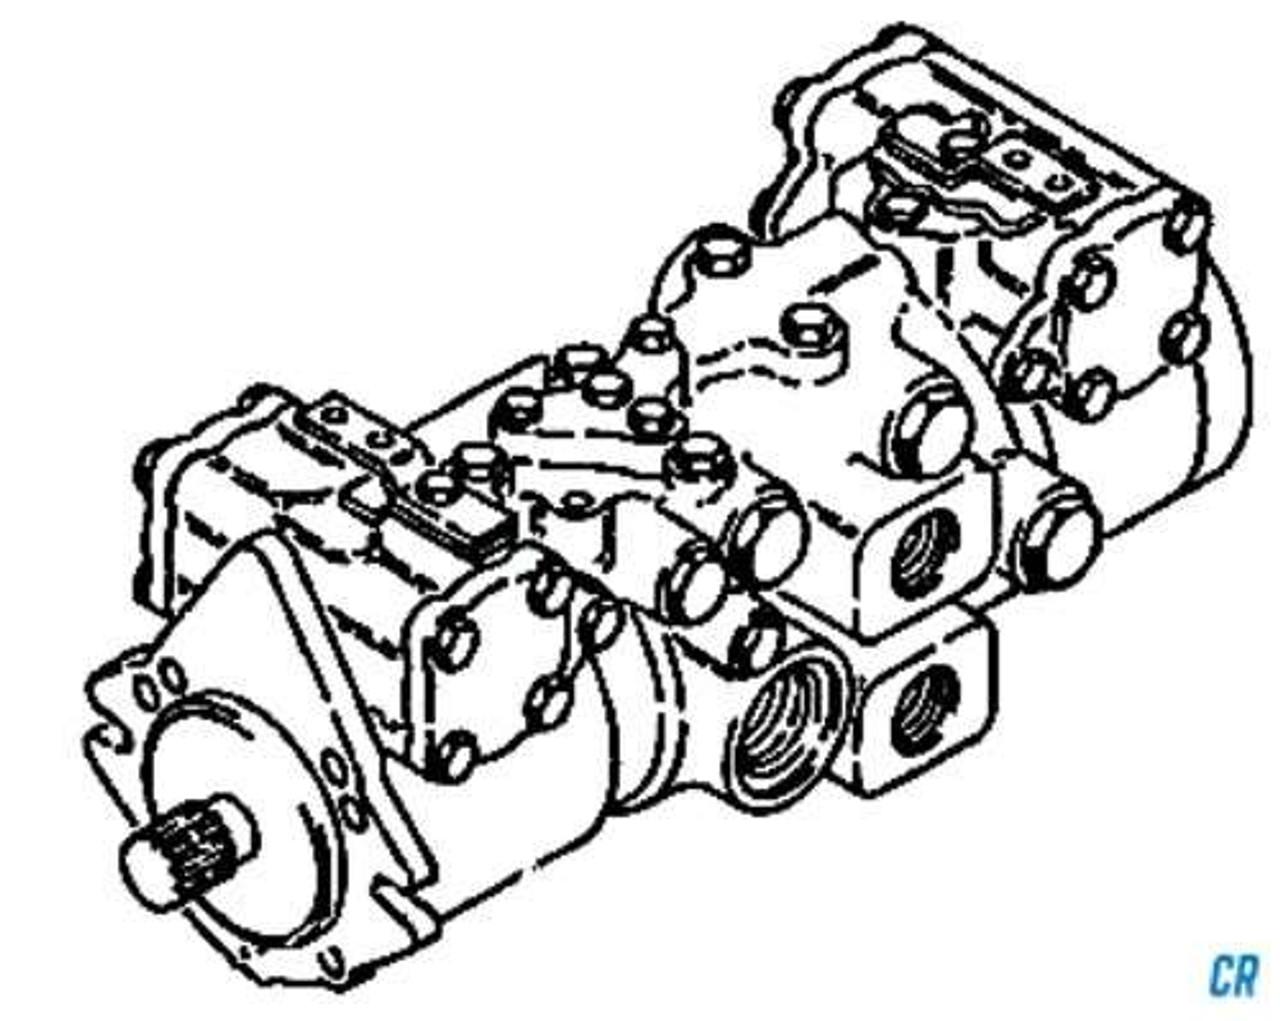 Reman Hydrostatic Drive Pump for Bobcat 40 Skidsteer